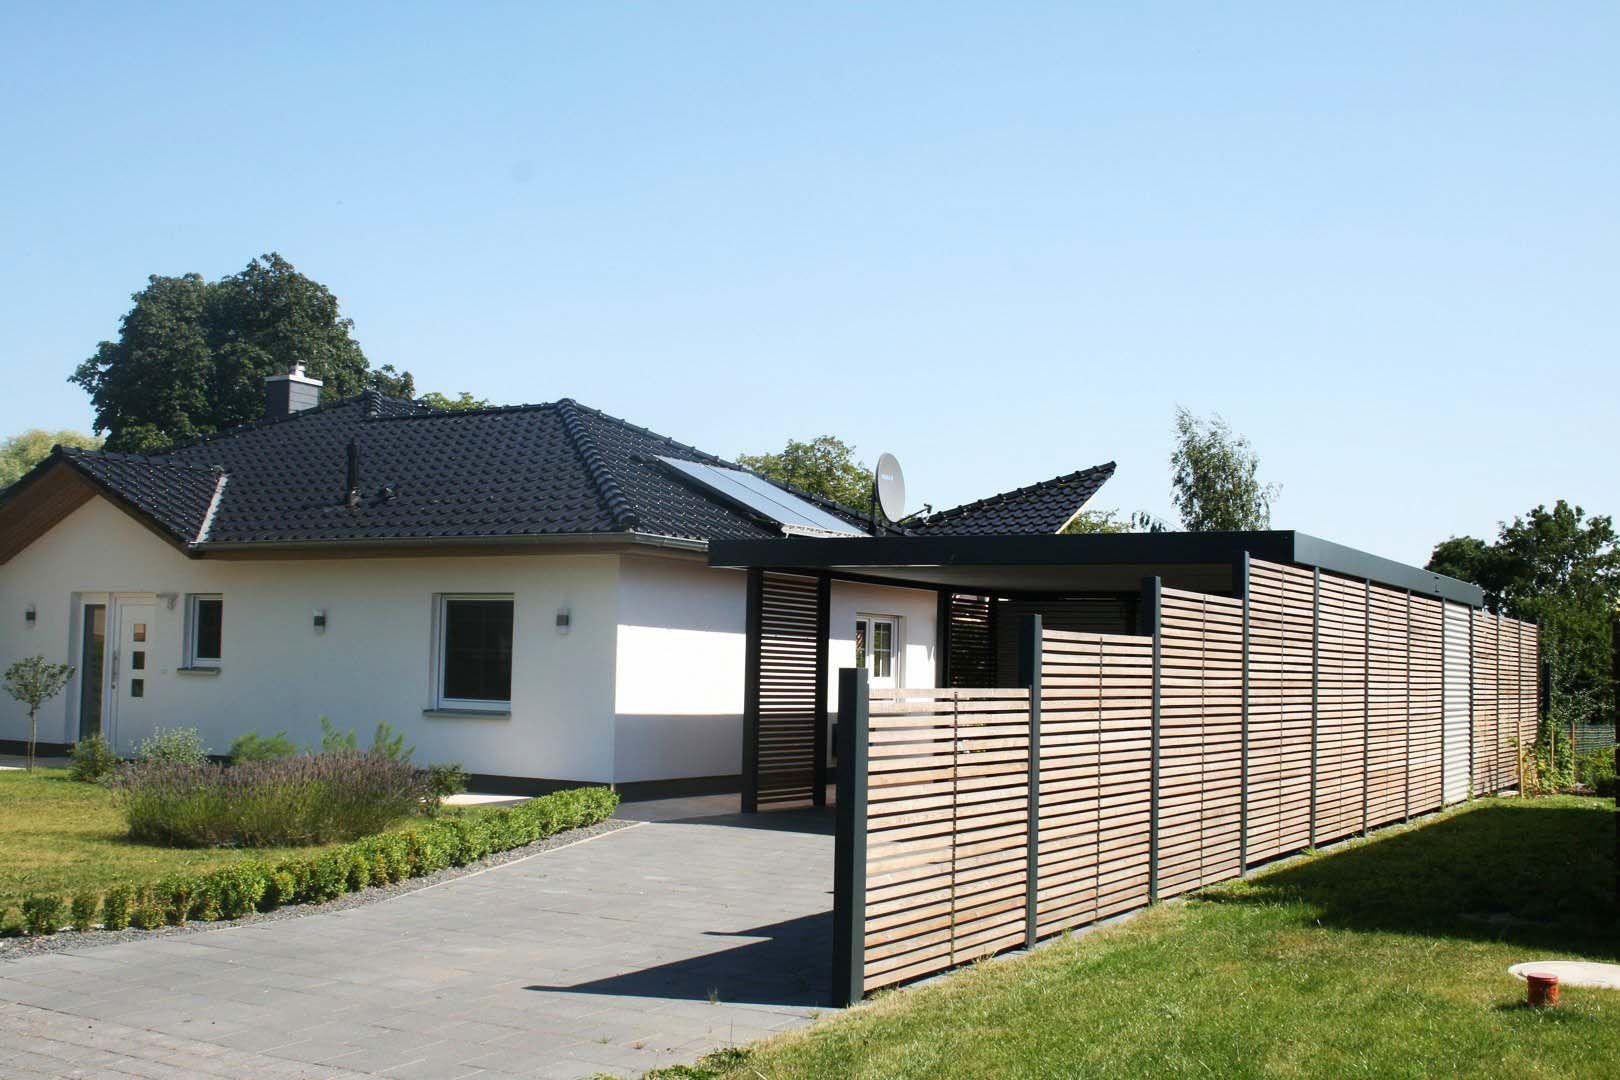 design metall carport sichtschutzzaun aus stahl holz blech. Black Bedroom Furniture Sets. Home Design Ideas